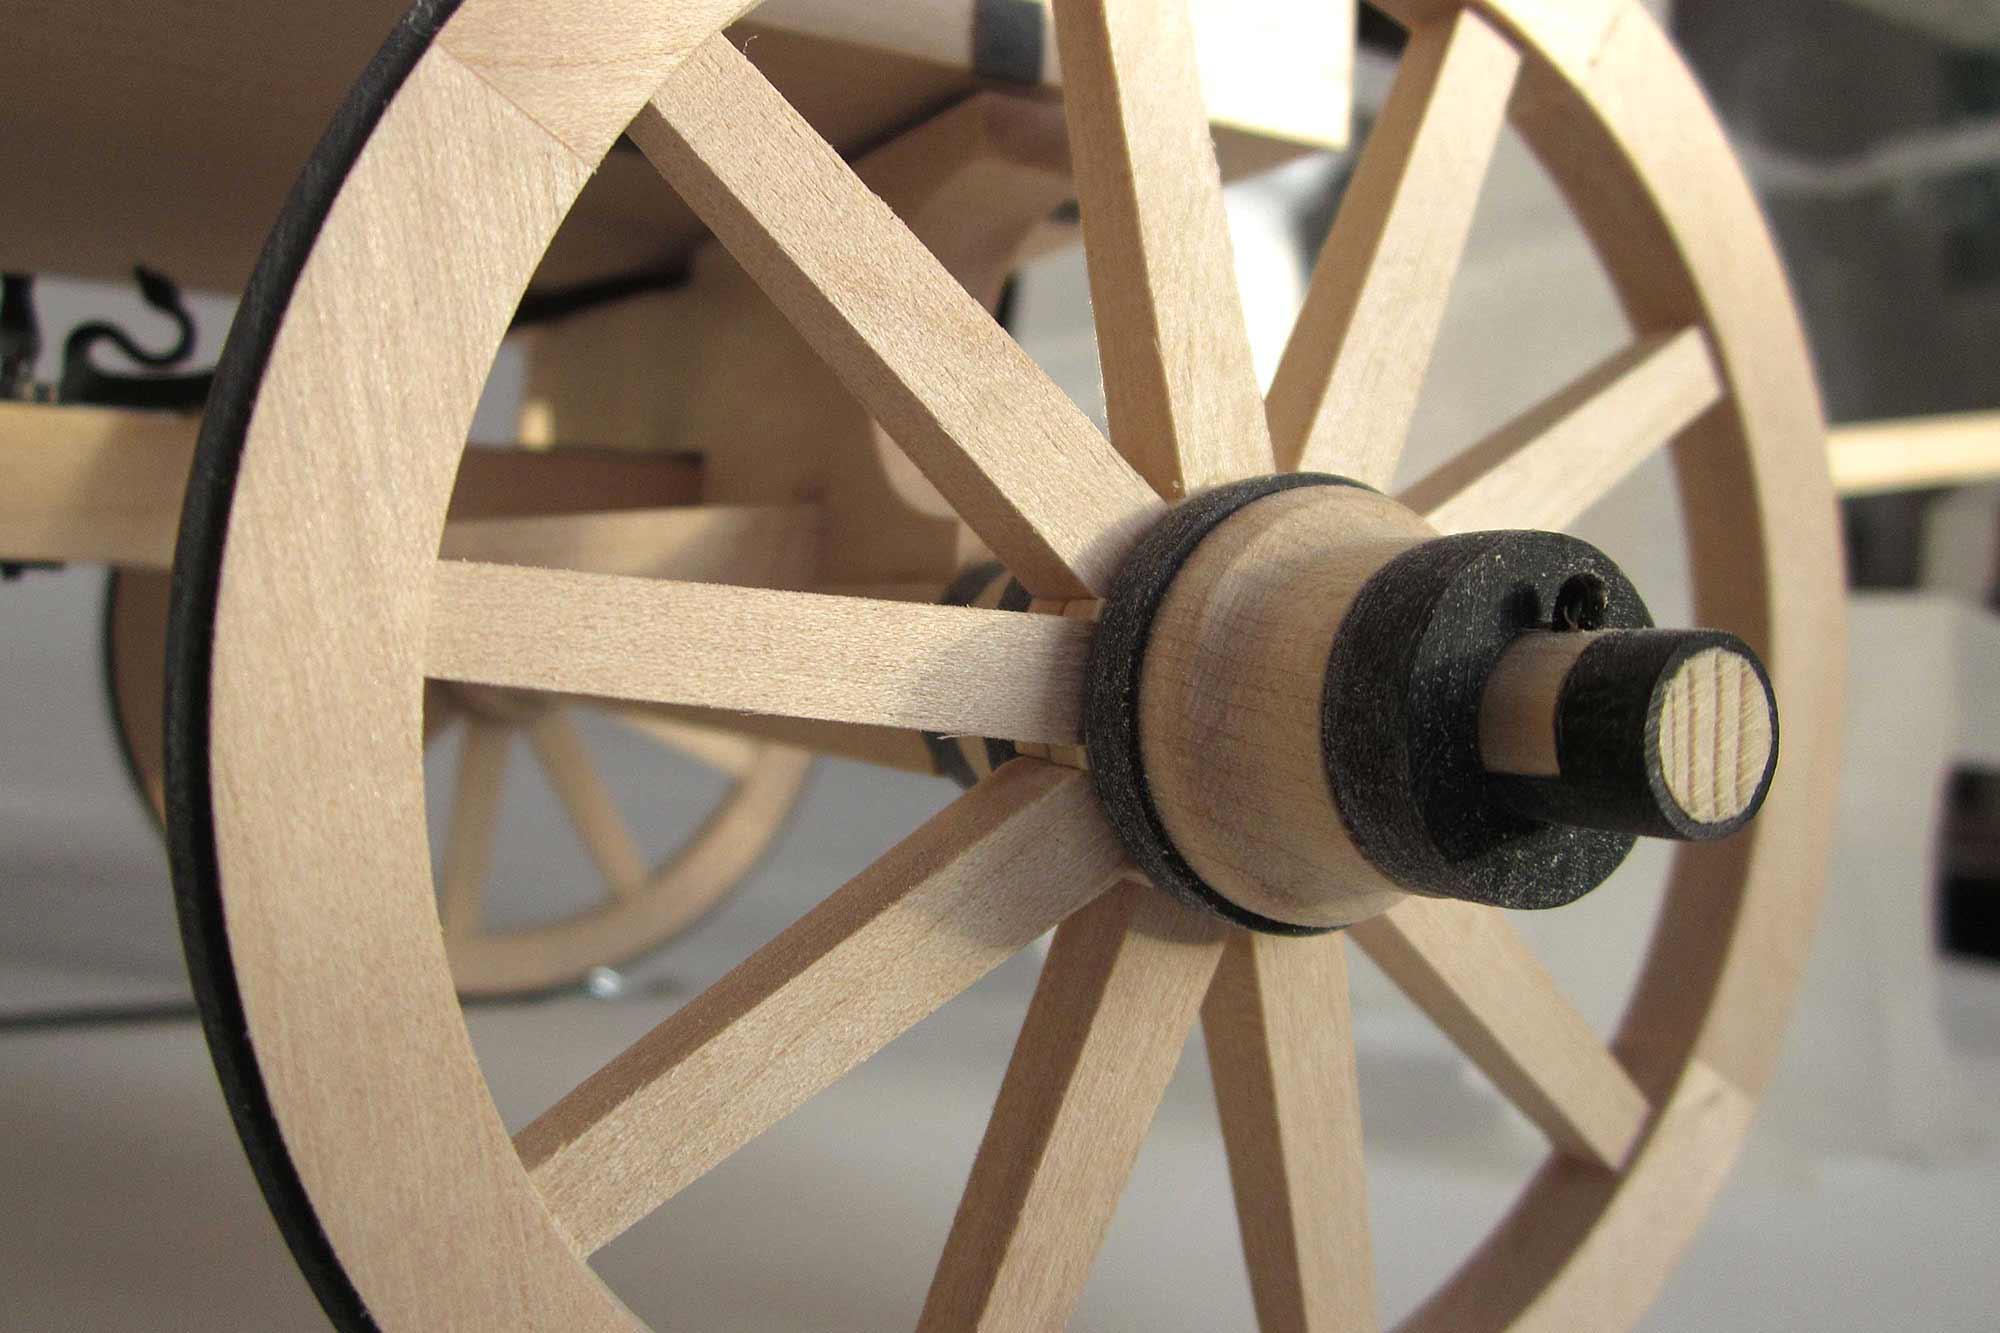 Anschauungsmodell römischer Transportwagen - Radnabe mit Splint